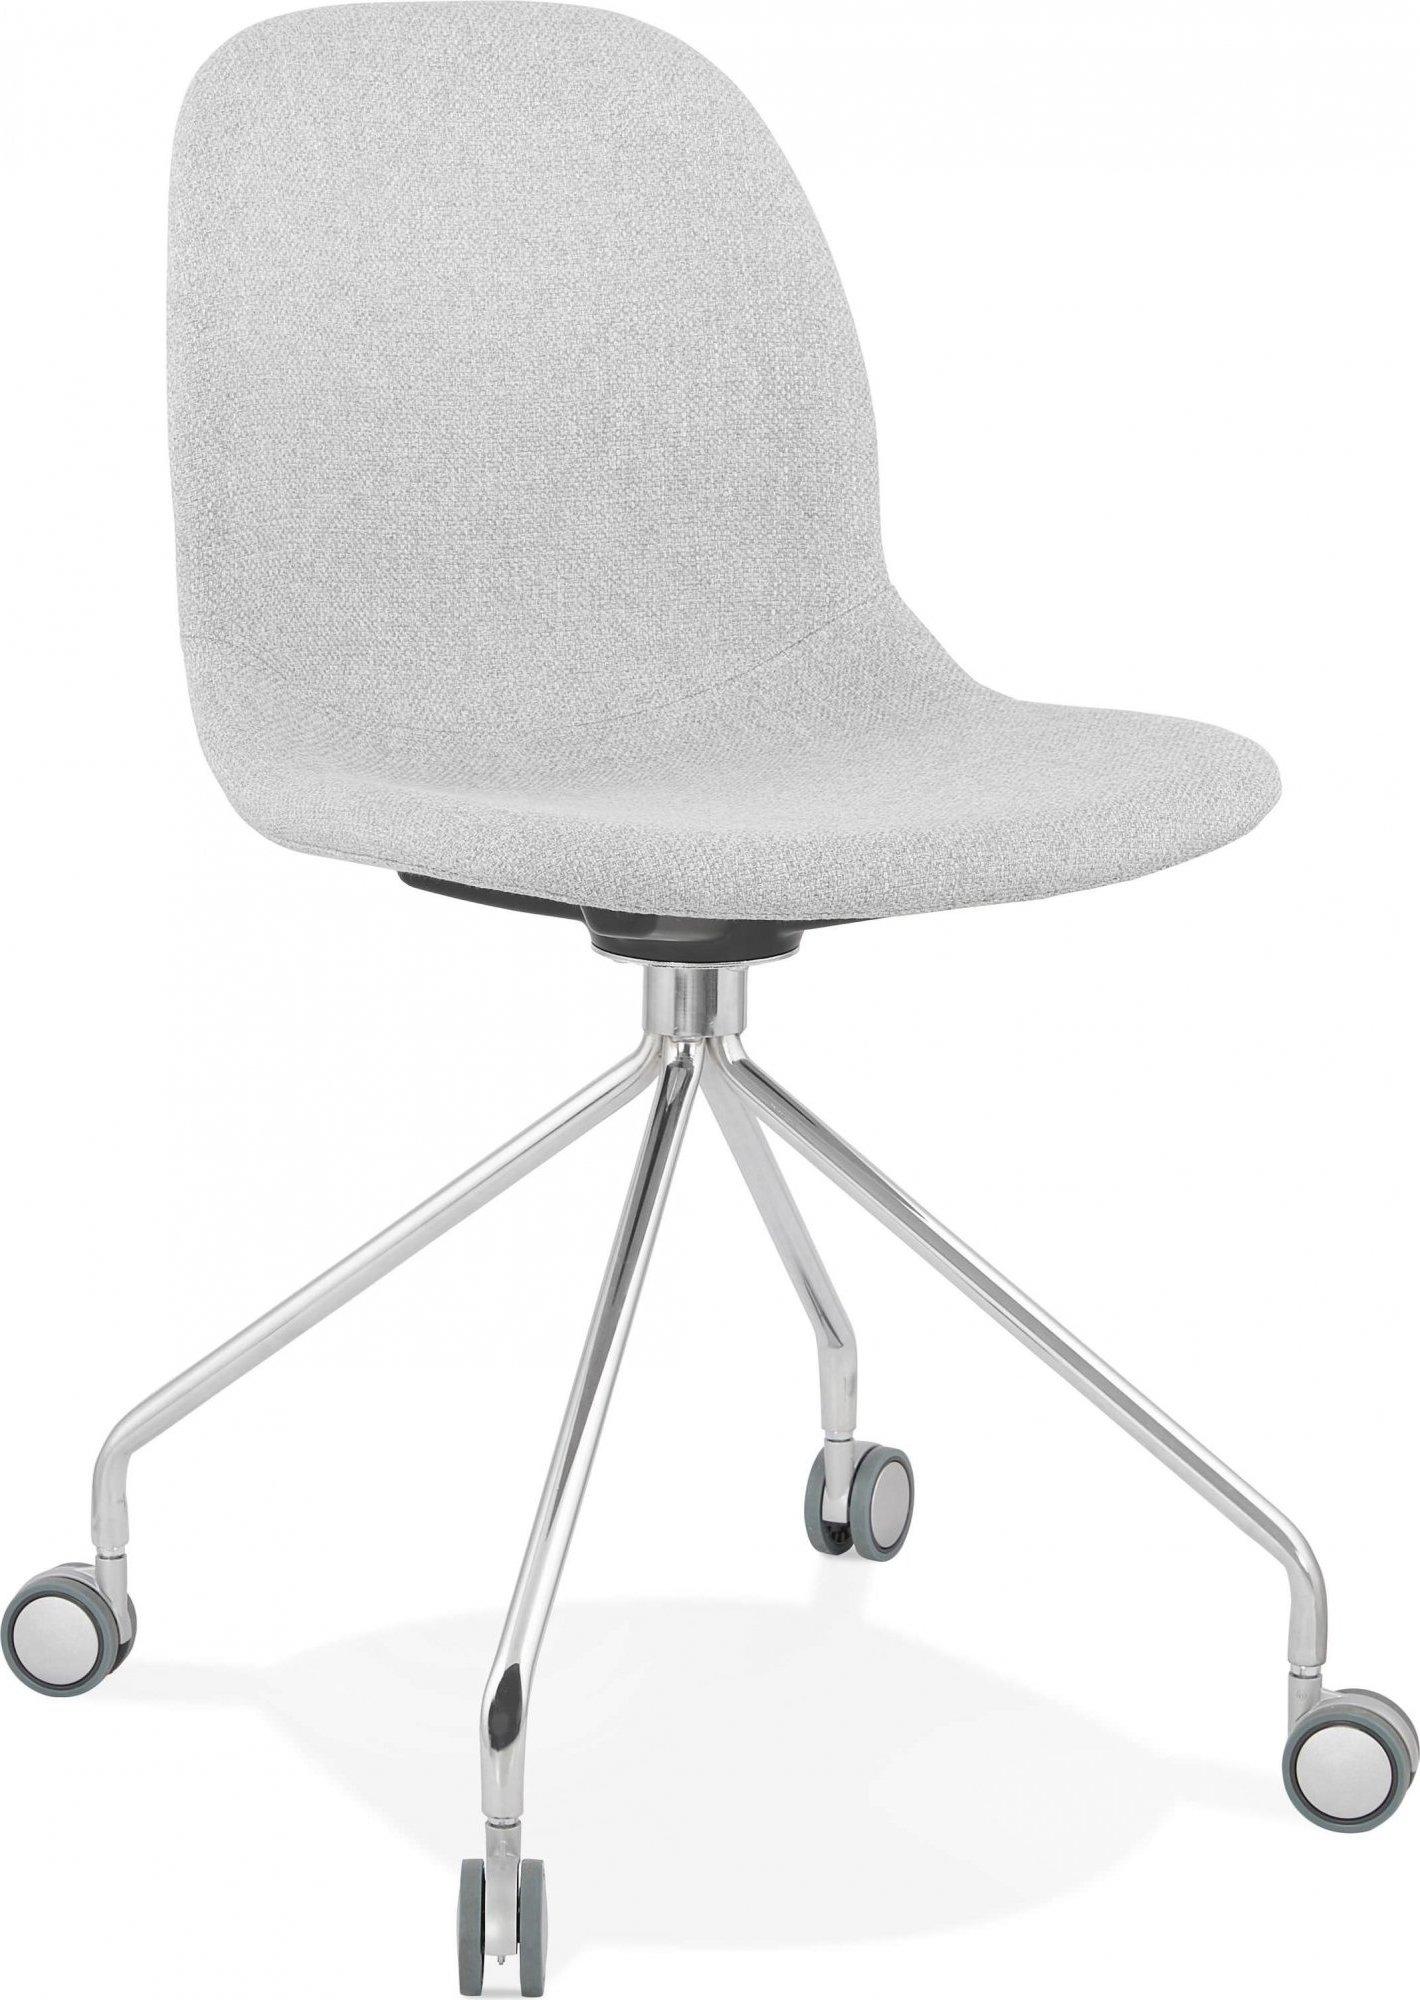 Chaise de bureau a roulettes rembourrée tissu gris clair